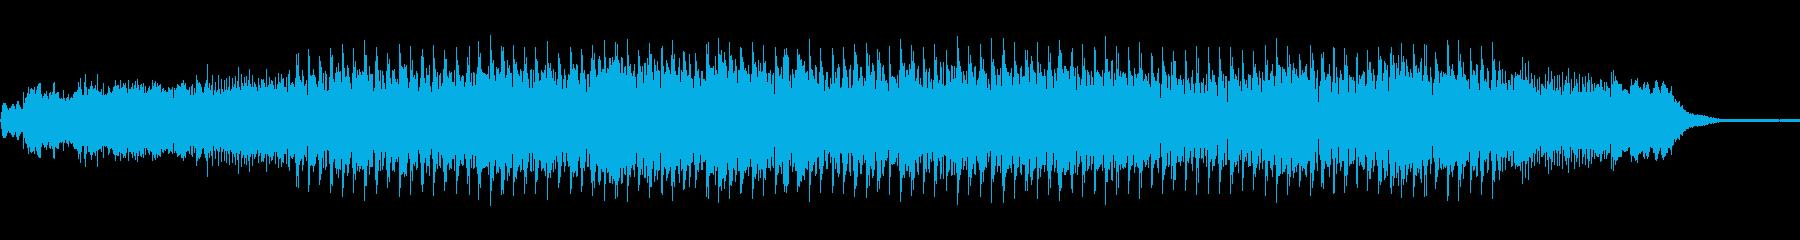 ダークで恐怖感のあるエレクトロニカの再生済みの波形